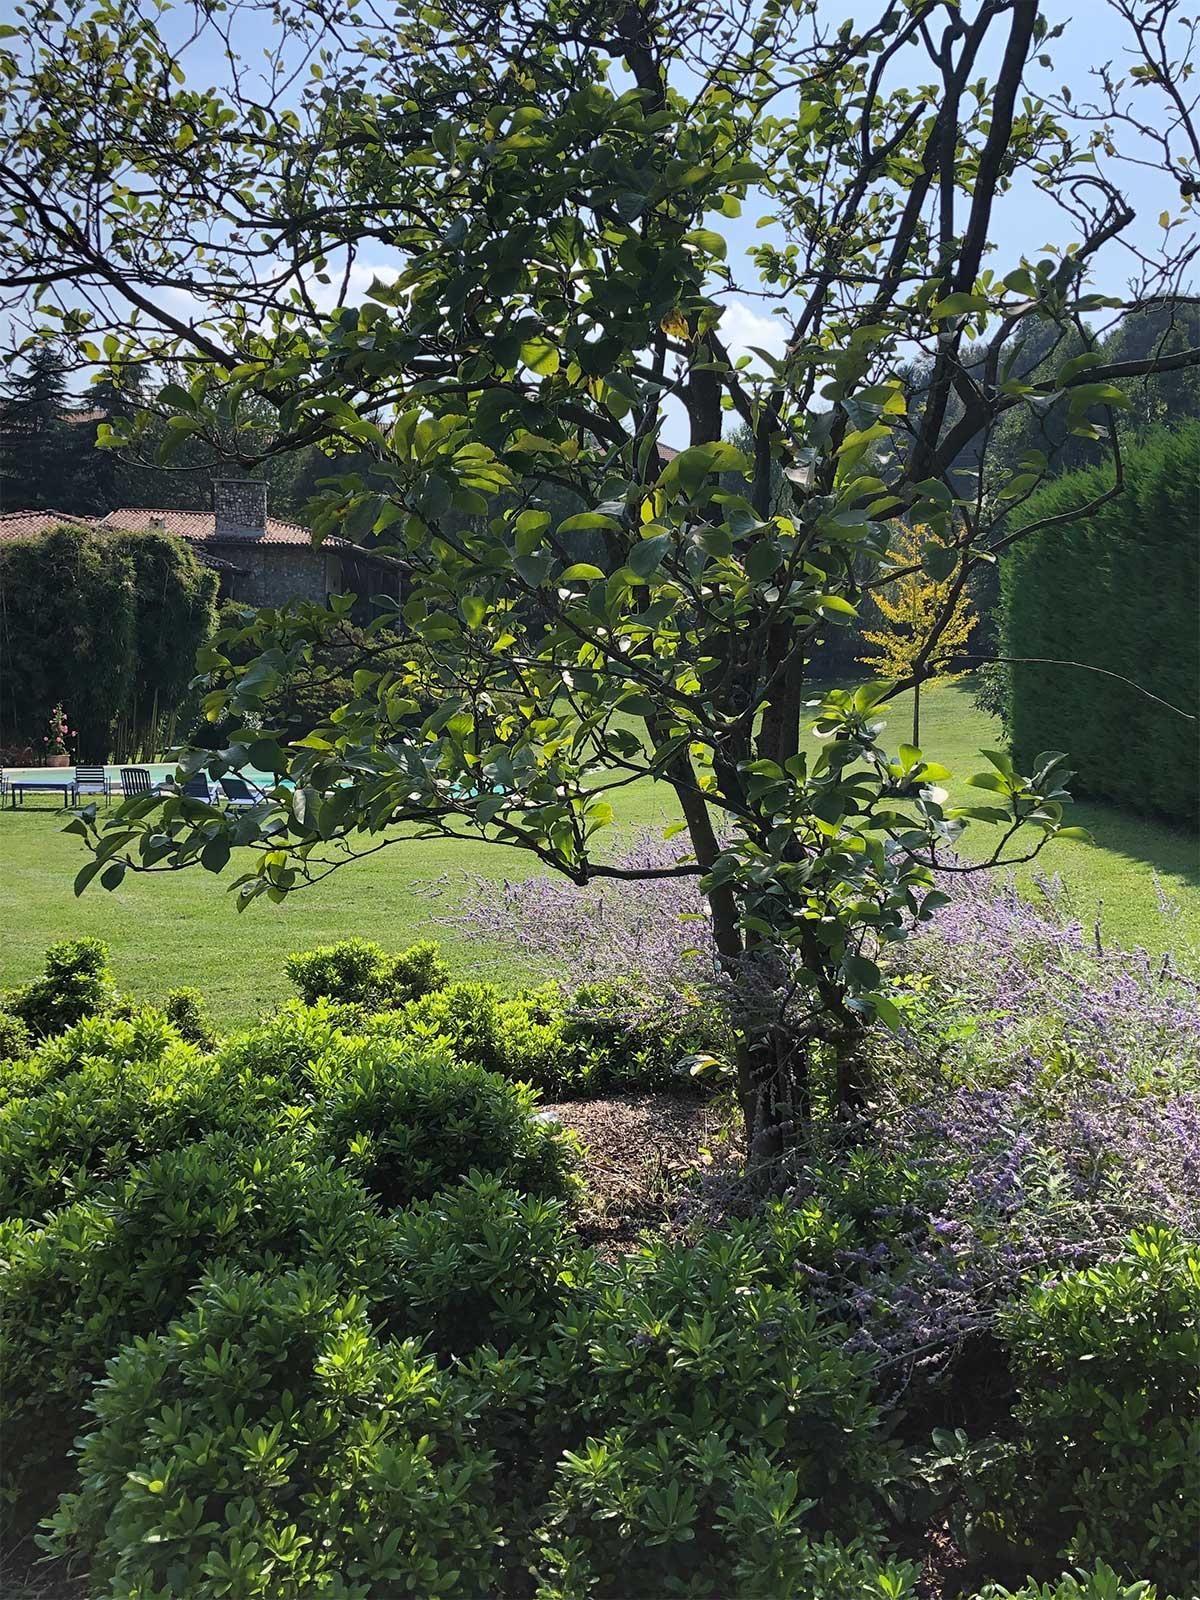 giardino OB - Besozzo - architetto Giuliana Gatti